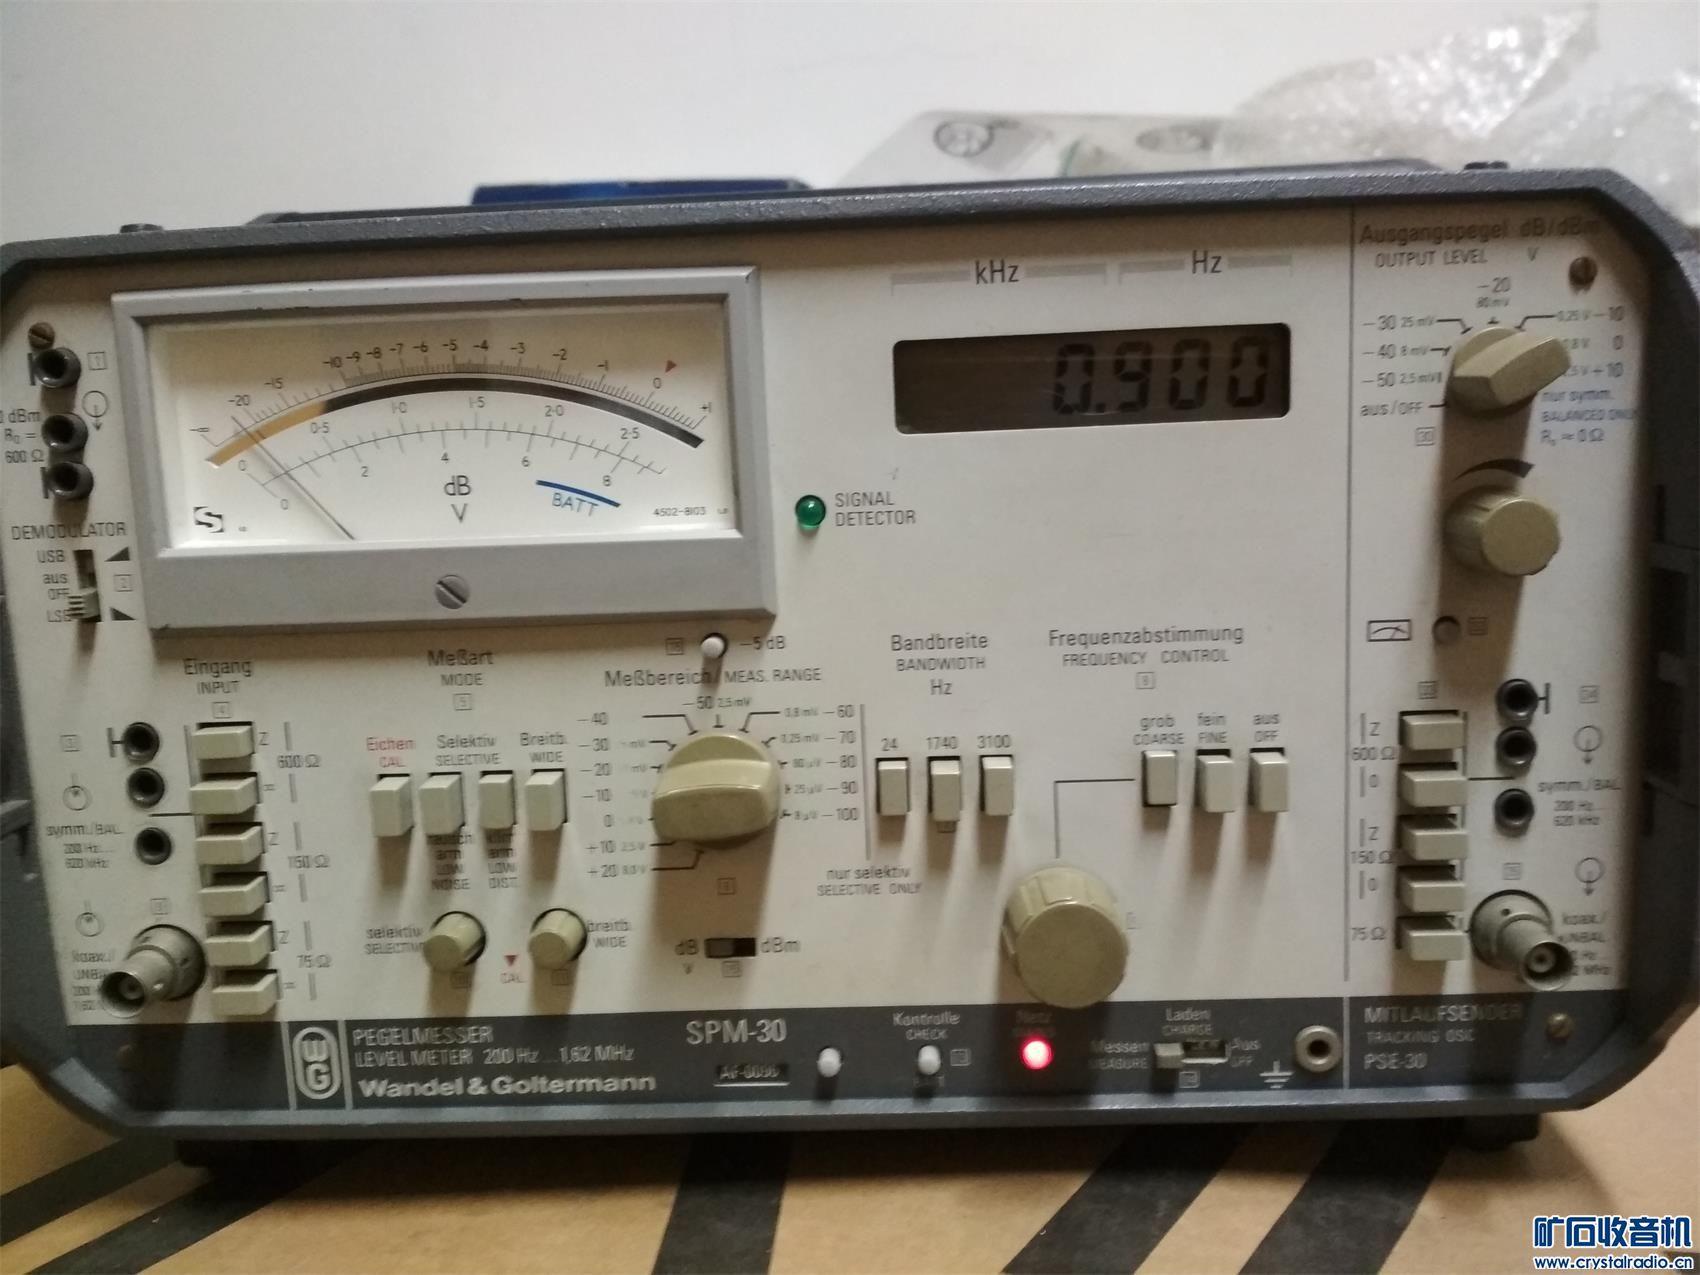 3200号德国大品牌仪表信号发生器及电平选频一体化仪表1500元不邮 (10).jpg